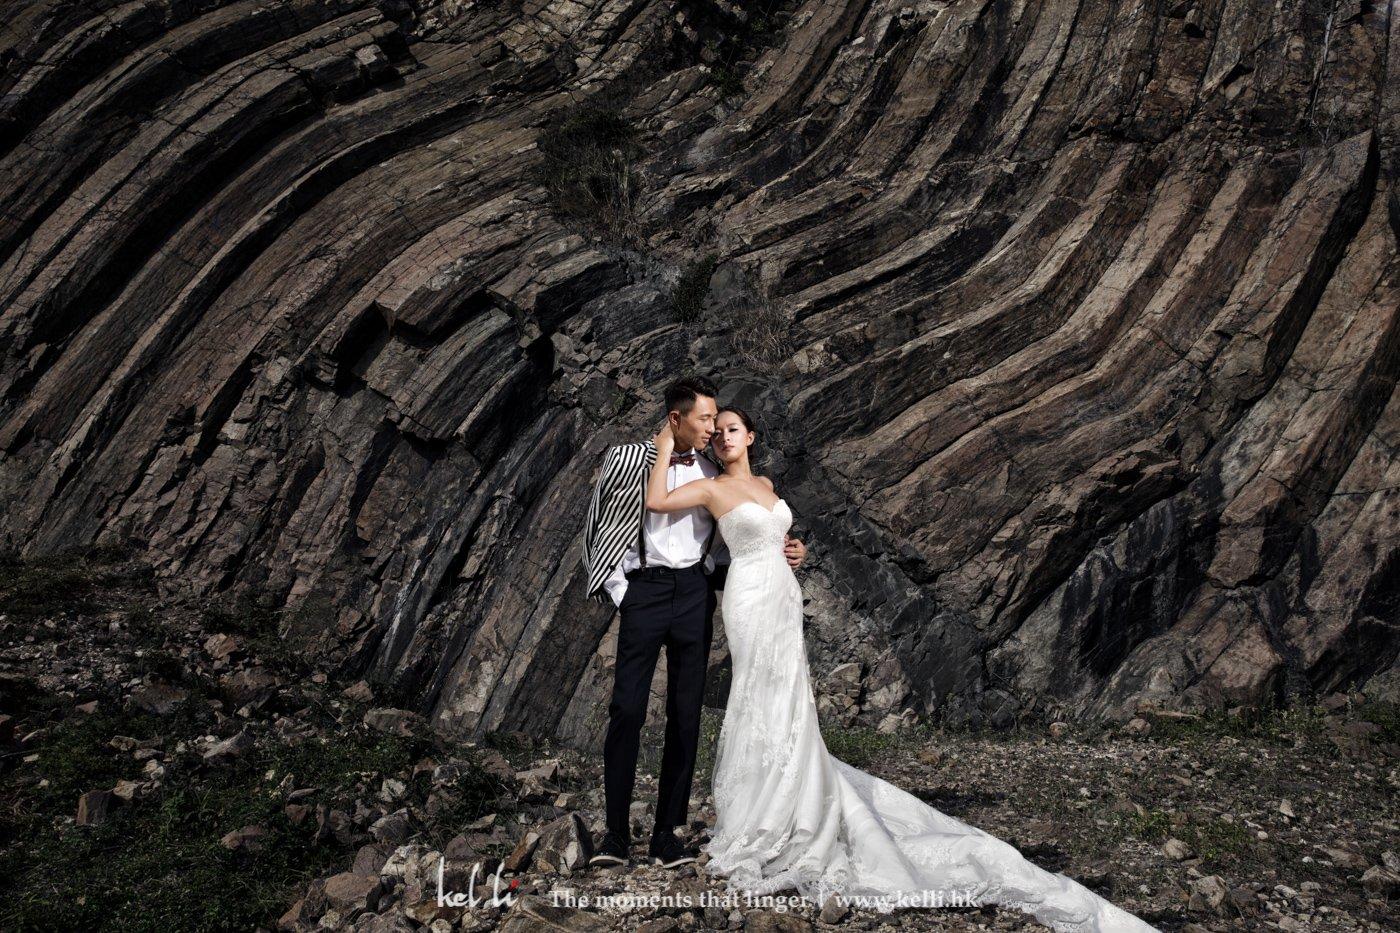 現場看到已被它吸引住,用東壩自然形式的石紋,拍出很特別的背景